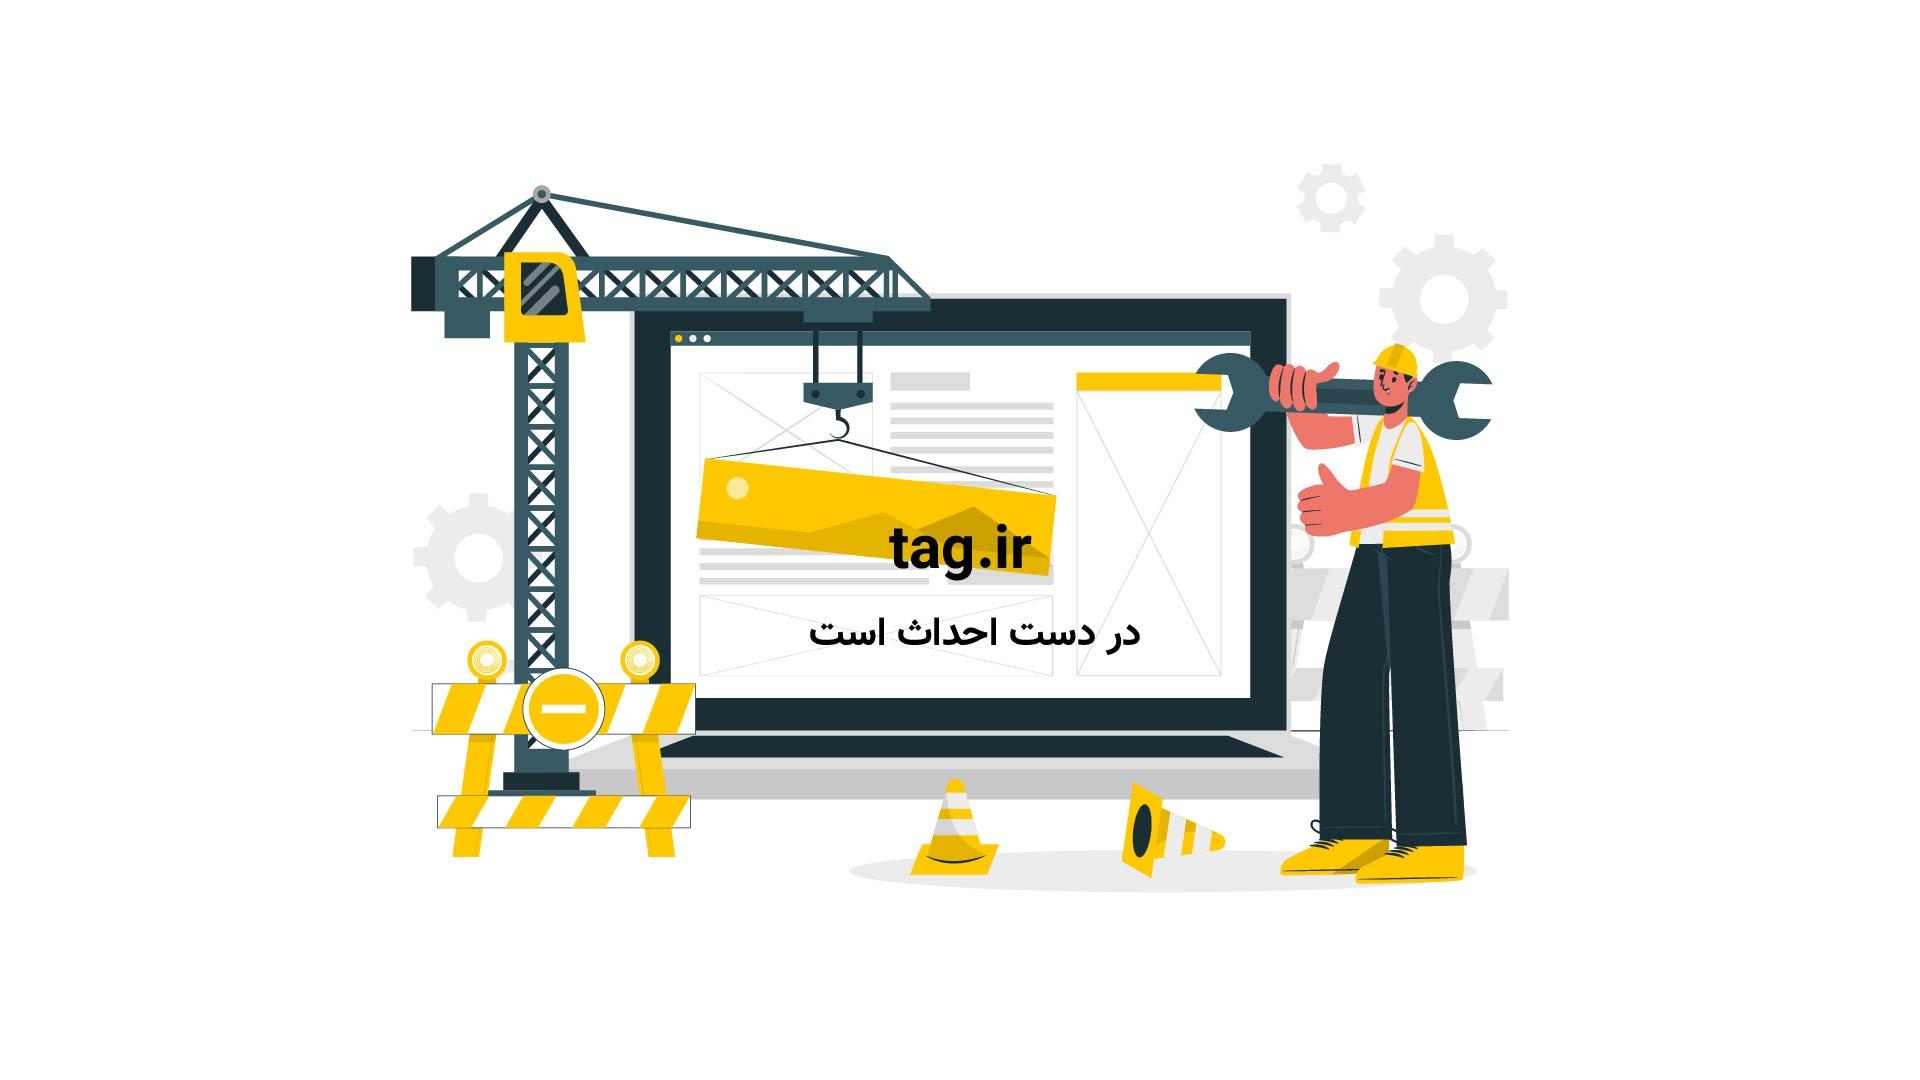 گلایه پرویز پورحسینی از بیکاری در حوزه بازیگری | فیلم